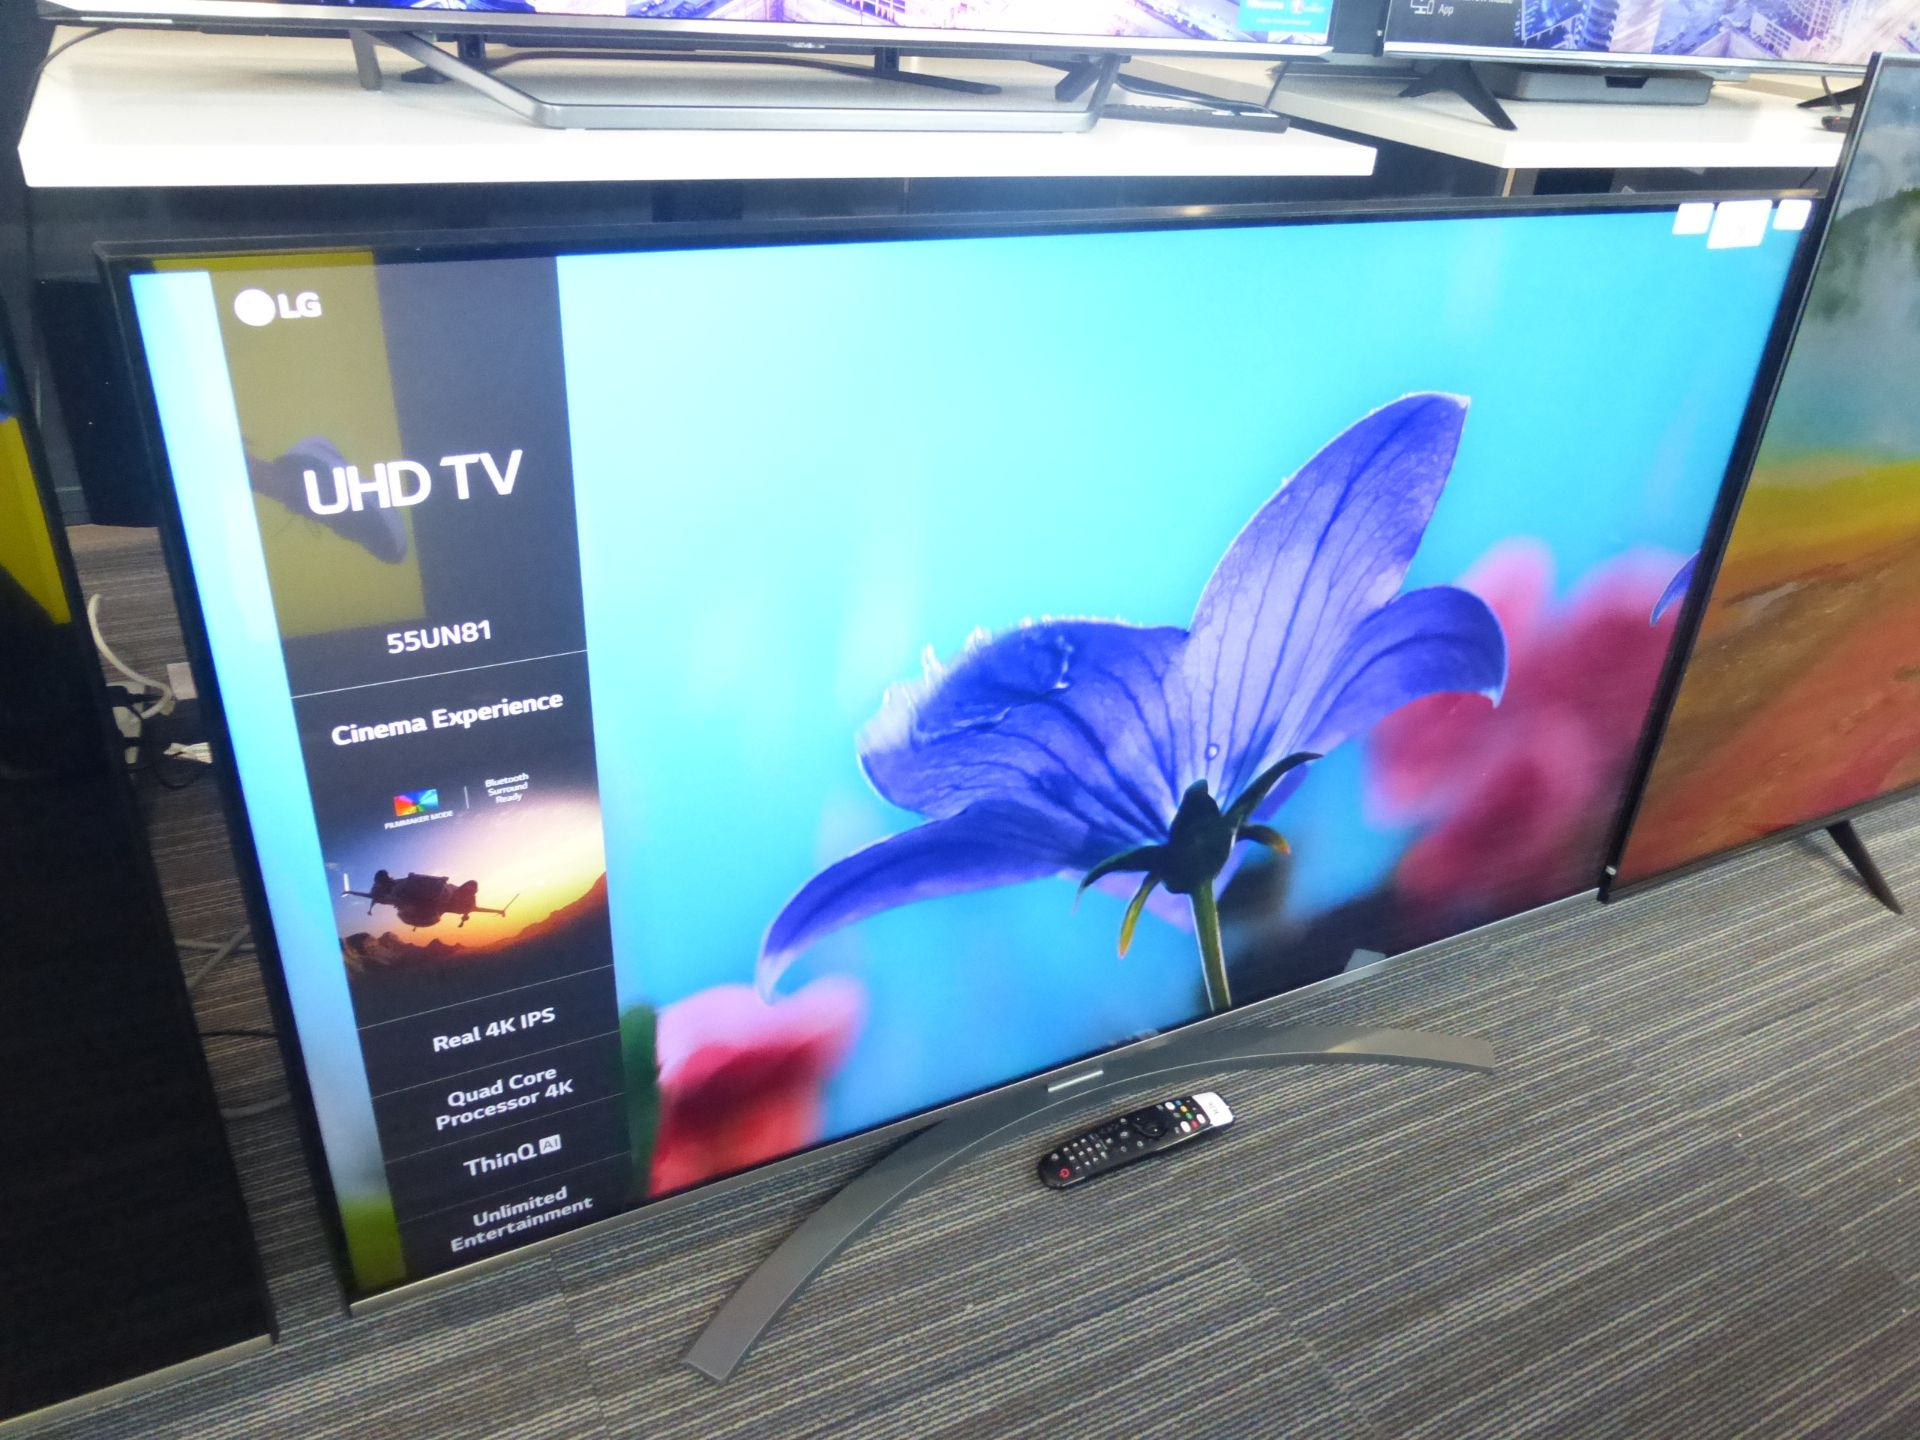 LG 55'' 4K TV Model: 55UN81006LB, includes remote (R26) and box (B49) Screen has no visible